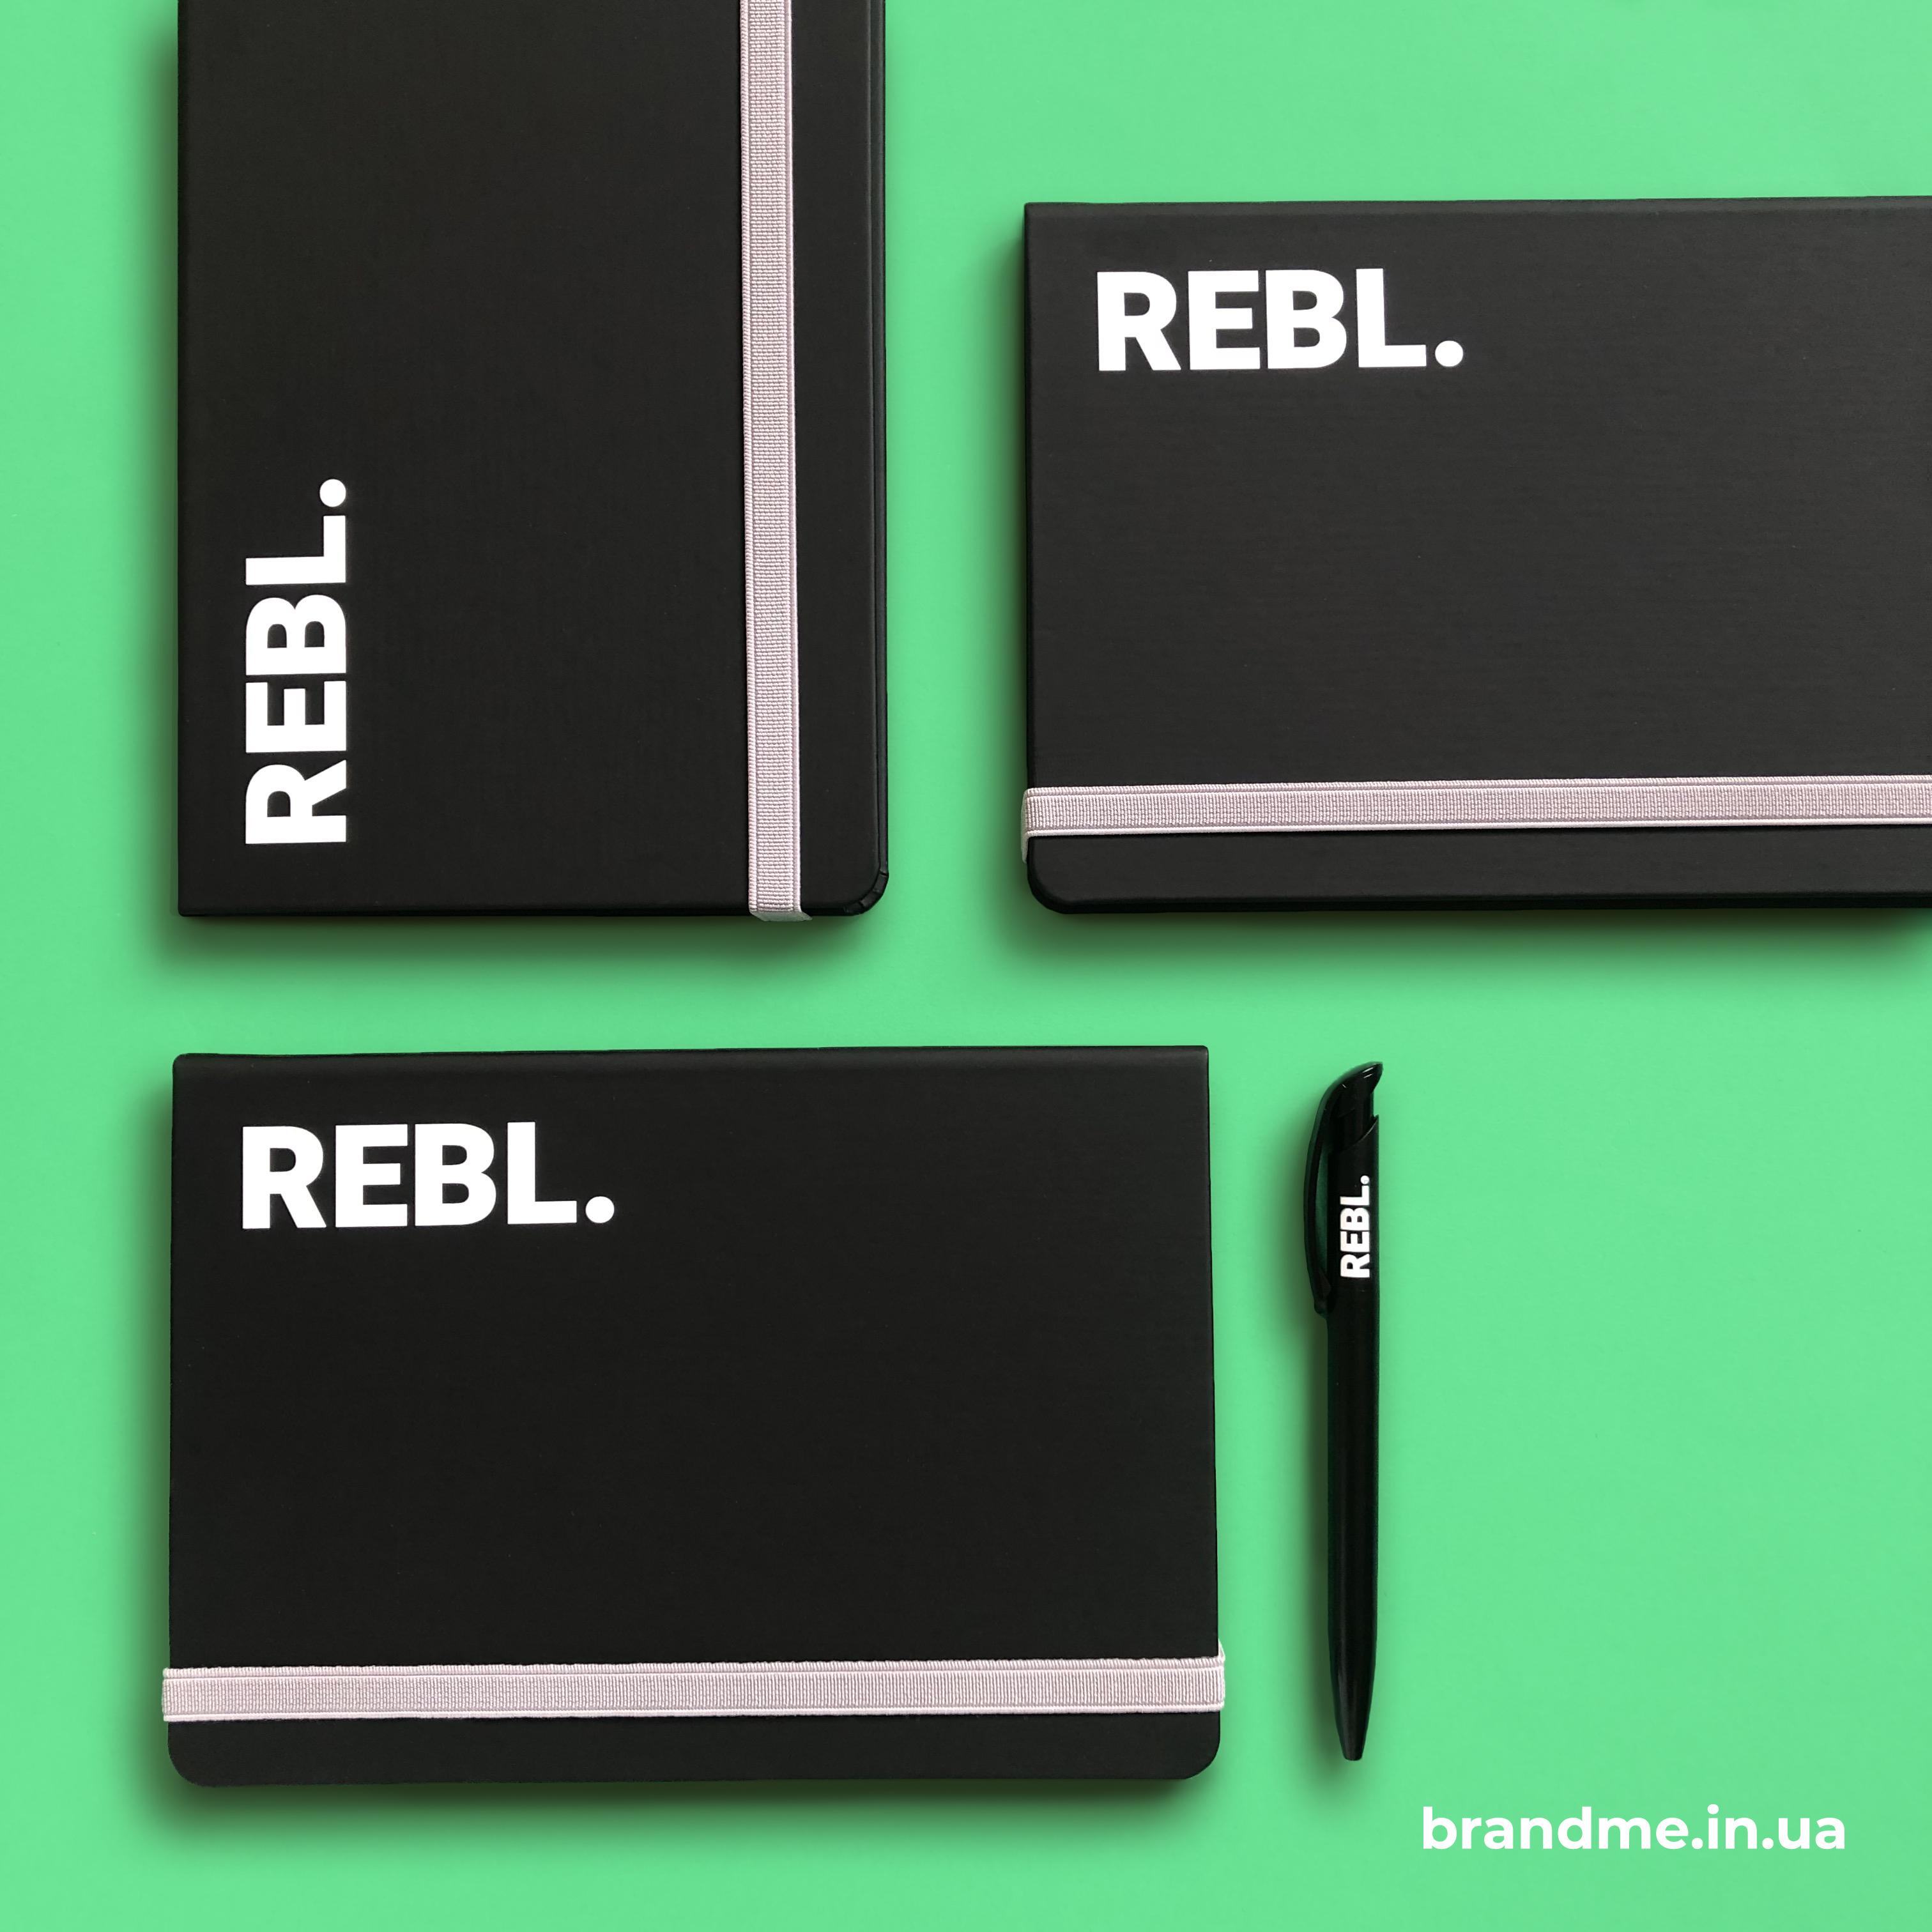 УФ-друк на блокнотах для REBL.